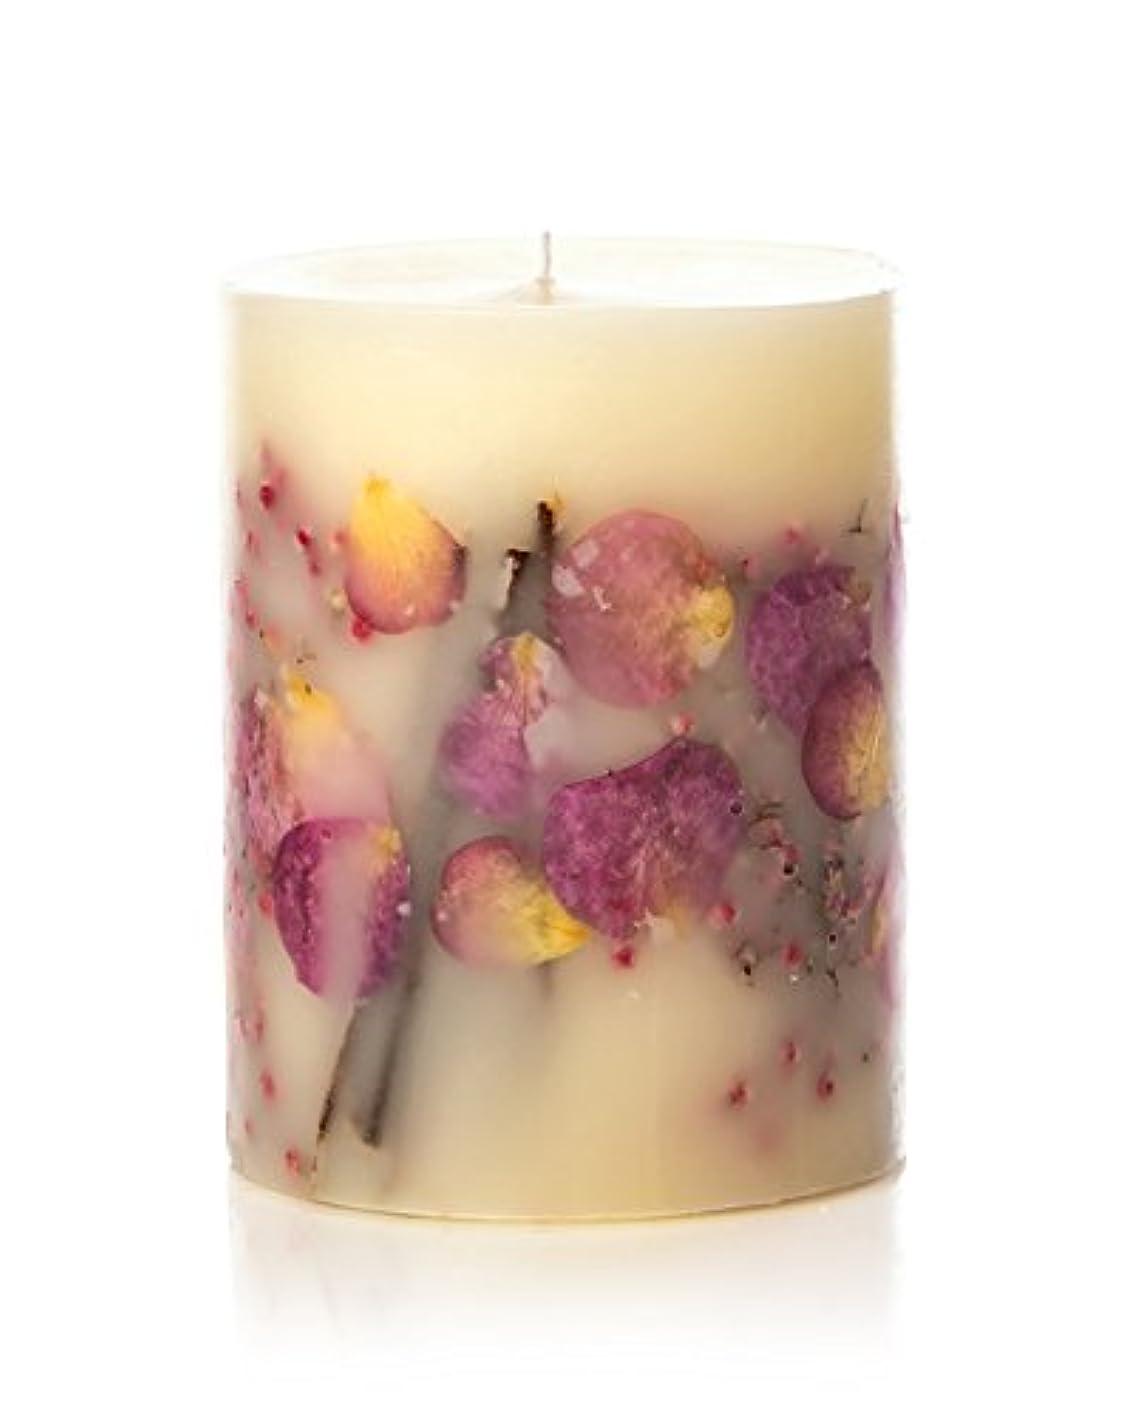 インタビュー曲線端末ロージーリングス ボタニカルキャンドル ビッグラウンド アプリコット&ローズ ROSY RINGS Round Botanical Candle Big Round – Apricot Rose